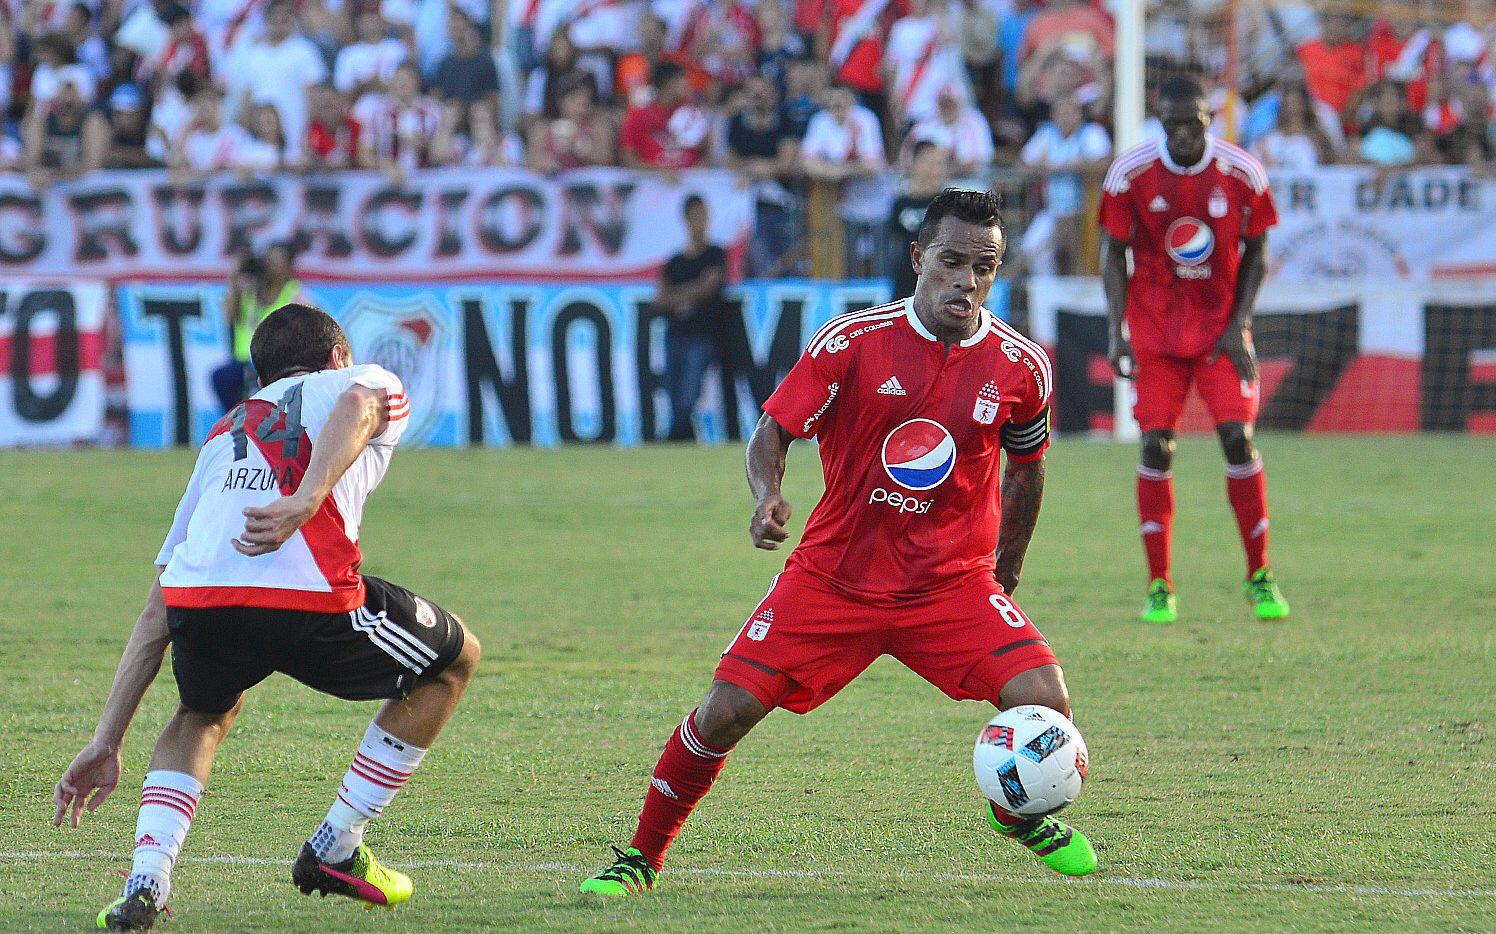 David Ferreira juega desde la campaña pasada con el América de Cali, recién ascendido a la primera división de Colombia. / CORTESIA AMERICA DE CALI